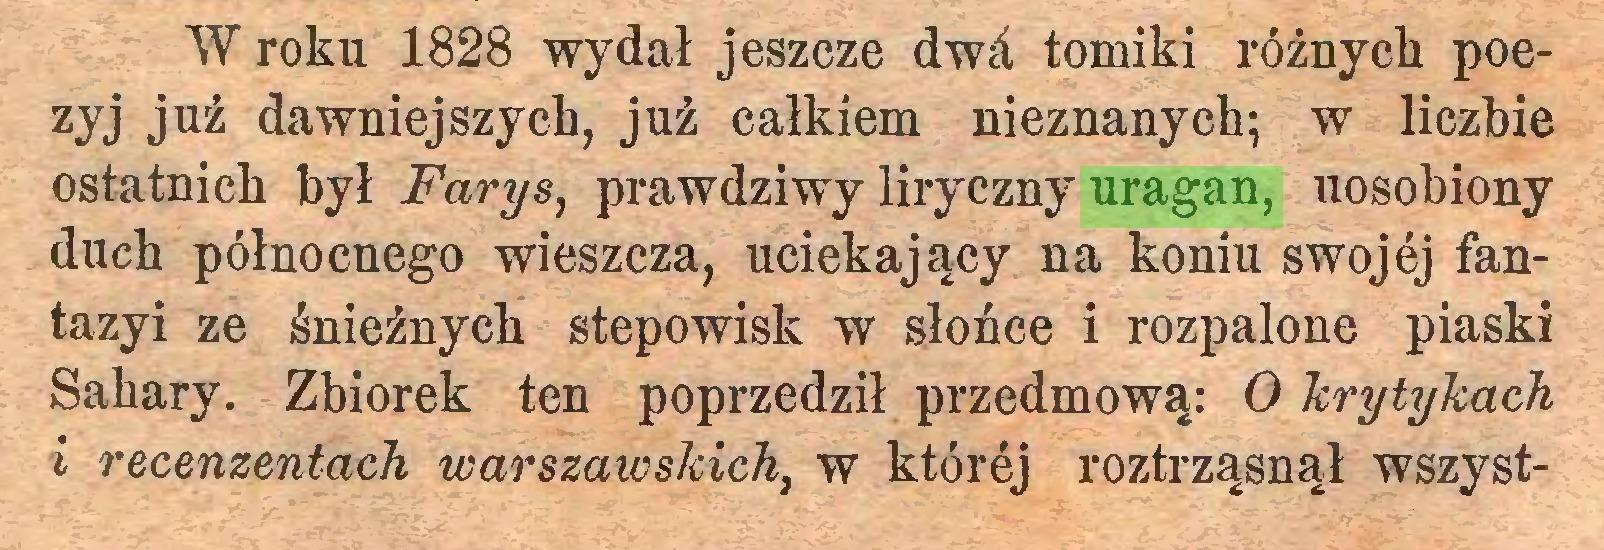 (...) W roku 1828 wydał jeszcze dwd, tomiki różnych poezyj już dawniejszych, już całkiem nieznanych; w liczbie ostatnich był Farys, prawdziwy liryczny uragan, uosobiony duch północnego wieszcza, uciekający na koniu swojej fantazyi ze śnieżnych stepowisk w słońce i rozpalone piaski Sahary. Zbiorek ten poprzedził przedmową: O krytykach i recenzentach warszawskich, w której roztrząsnął wszyst...